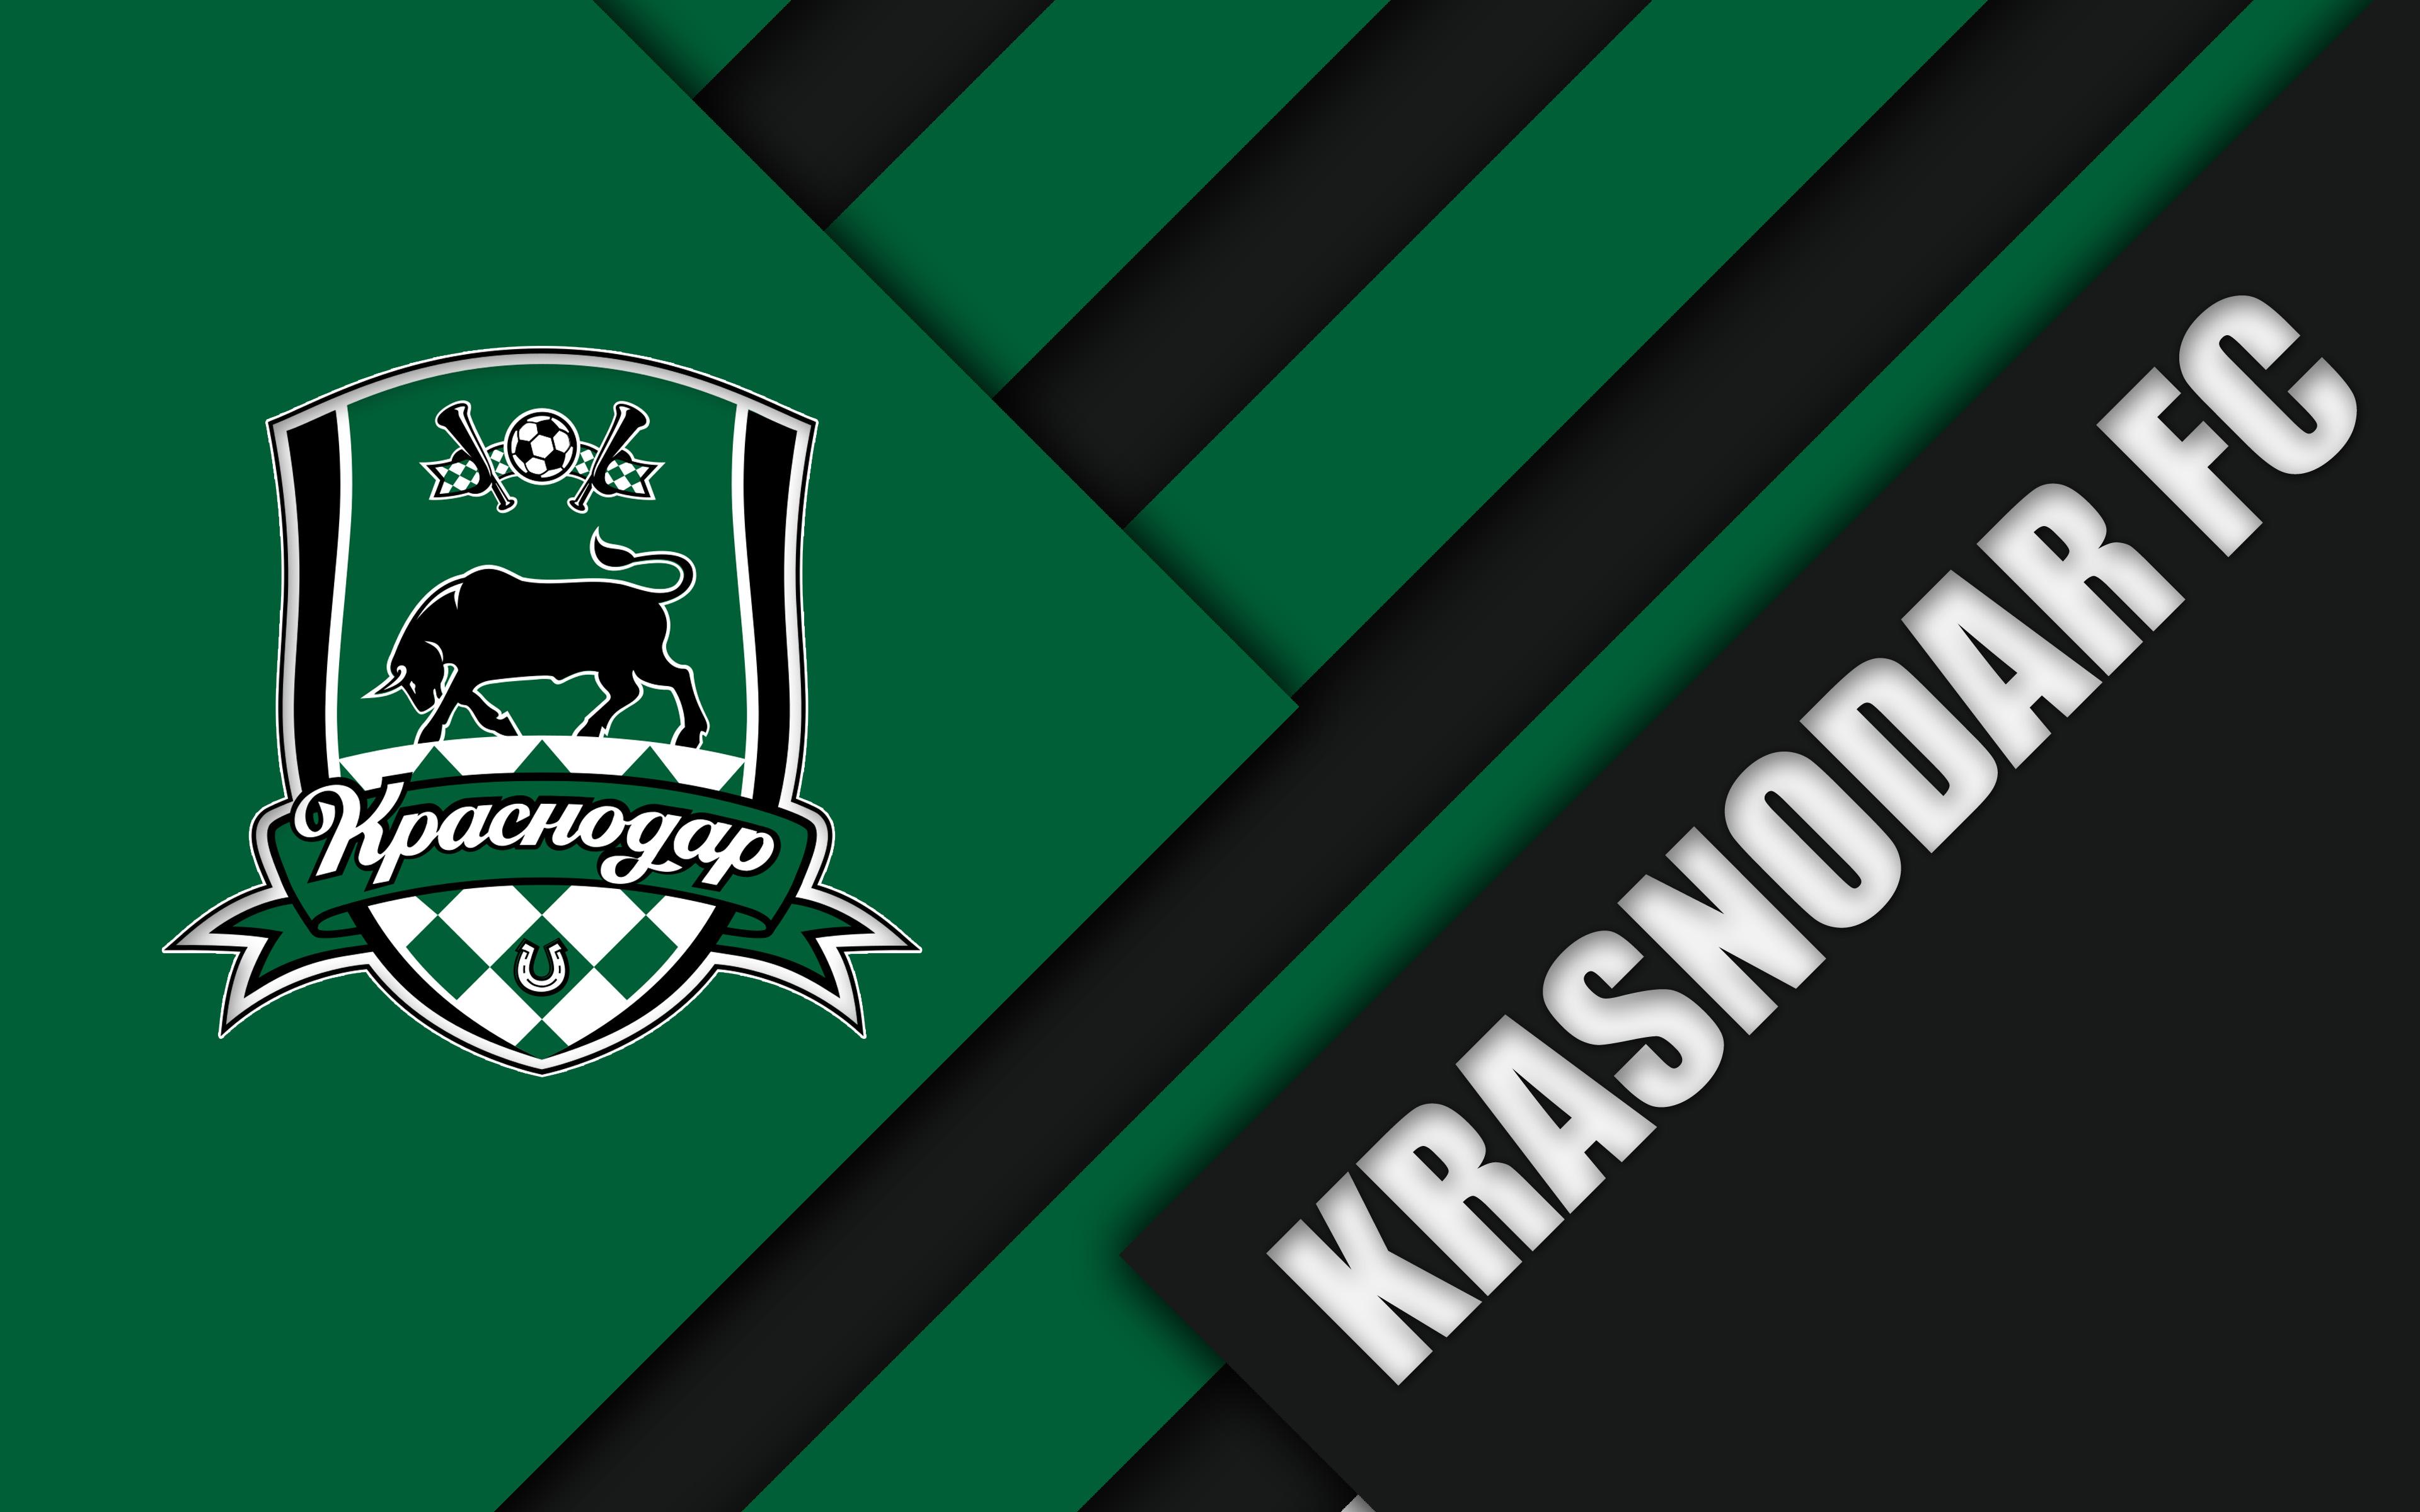 Fc Krasnodar 4k Ultra Hd Wallpaper Achtergrond 3840x2400 Id 984981 Wallpaper Abyss